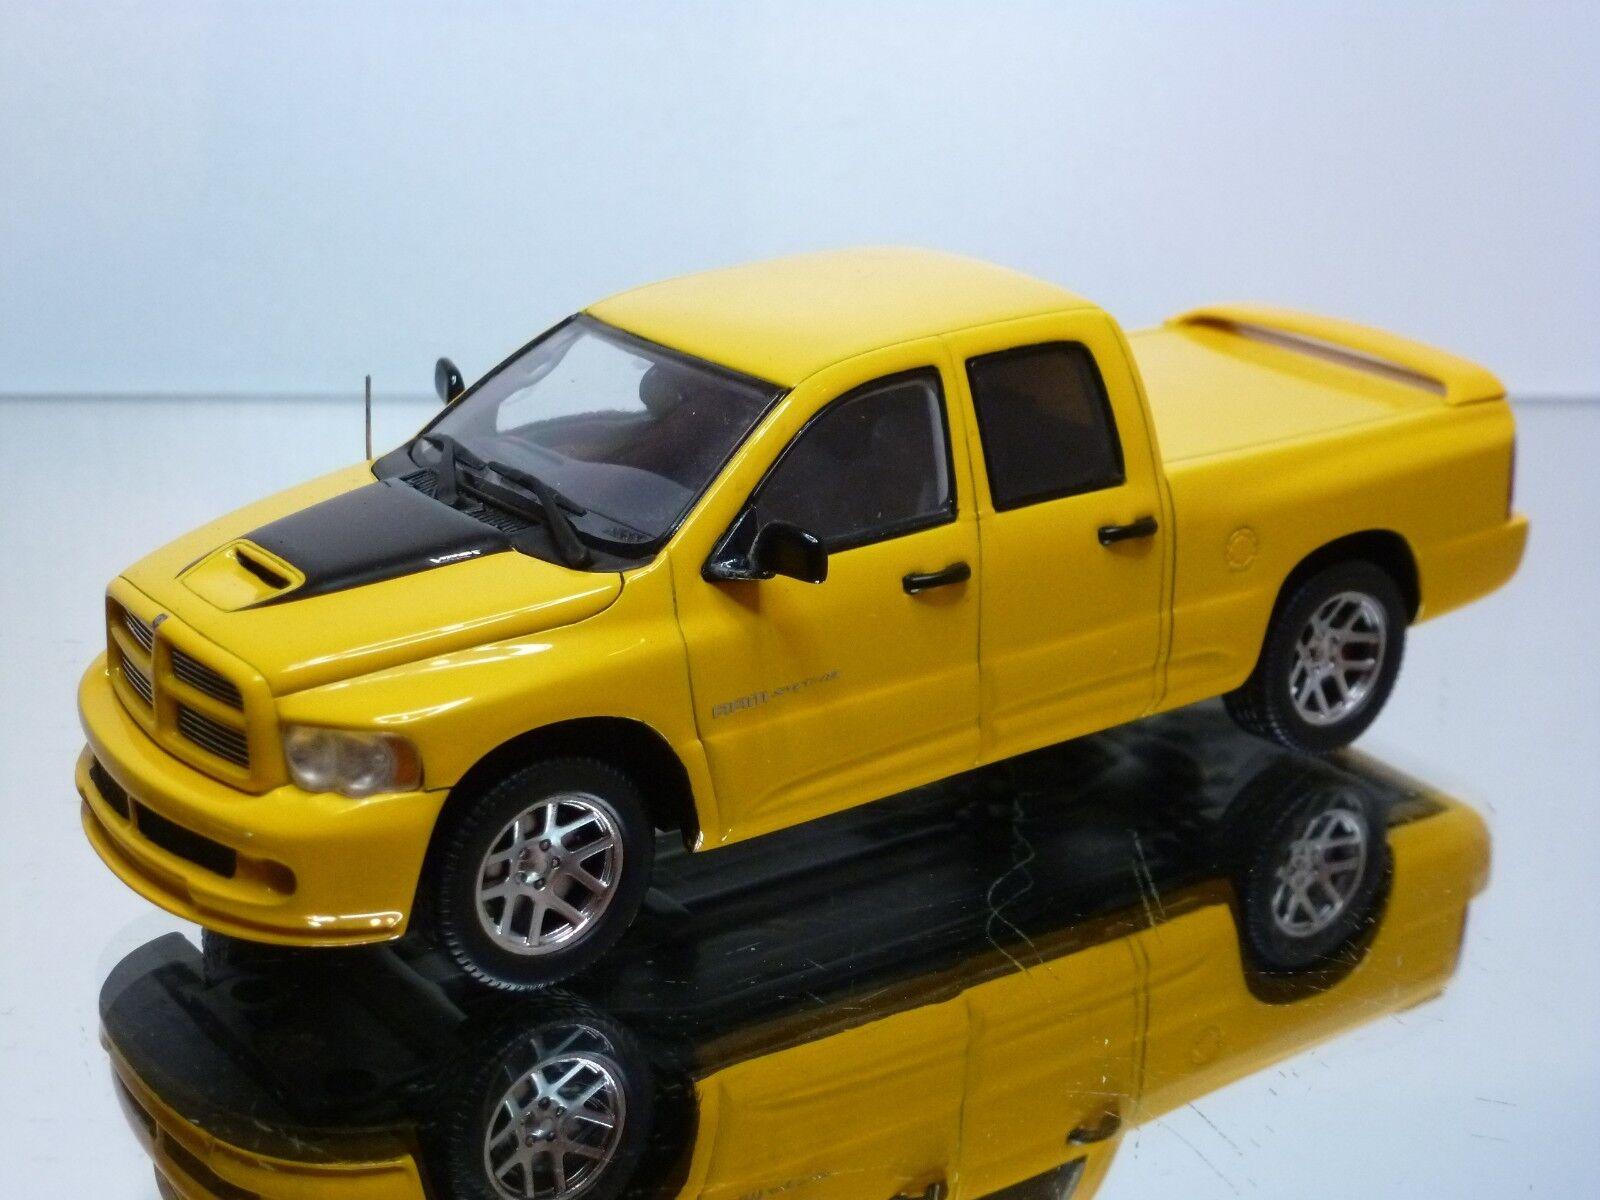 SPARK 0871 DODGE RAM SRT-10 QUAD CAB 2005 - amarillo 1 43 - EXCELLENT - 10